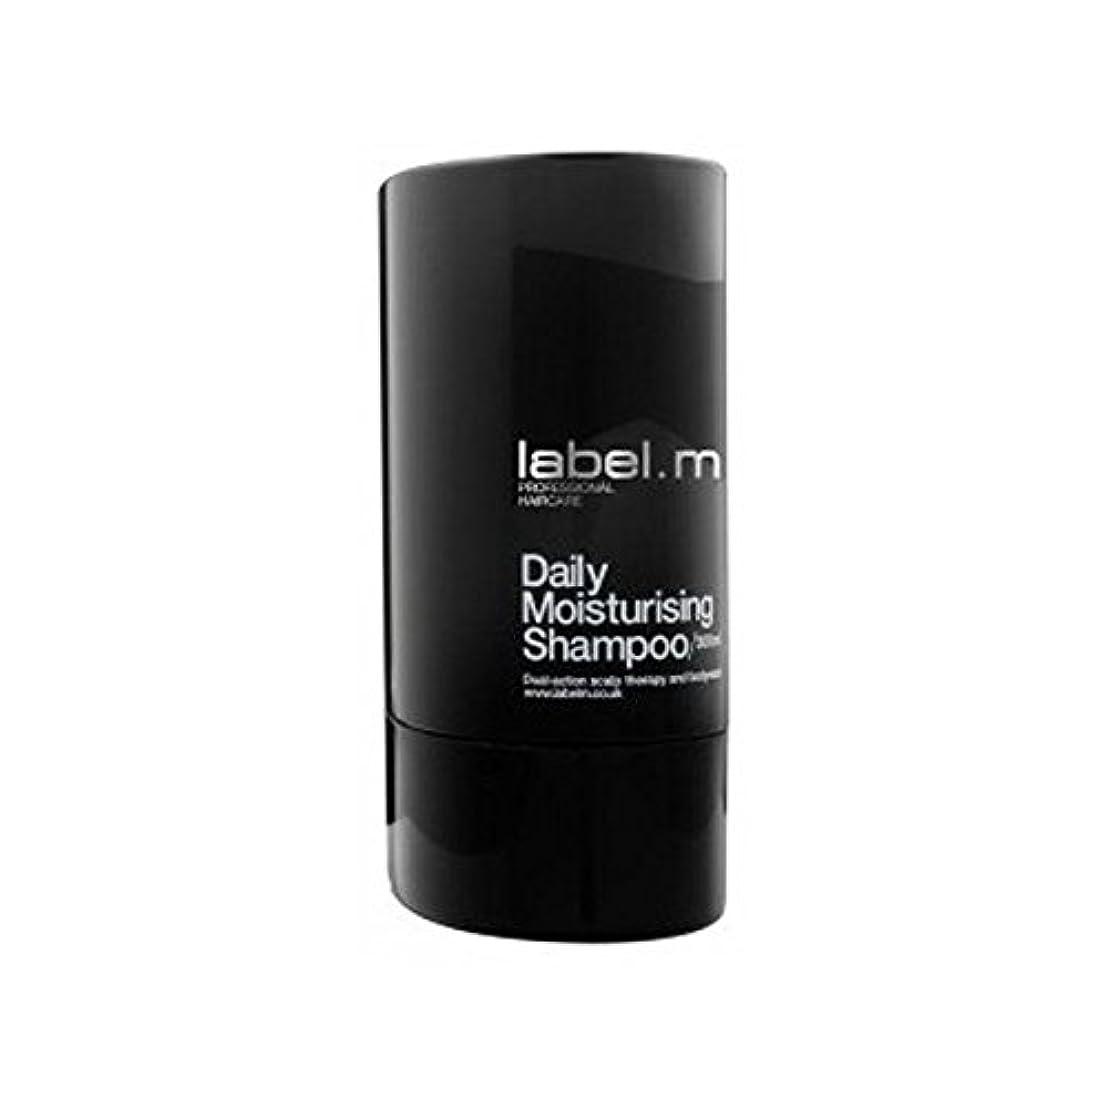 会話足首自然.毎日保湿シャンプー(300ミリリットル) x2 - Label.Men Daily Moisturising Shampoo (300ml) (Pack of 2) [並行輸入品]